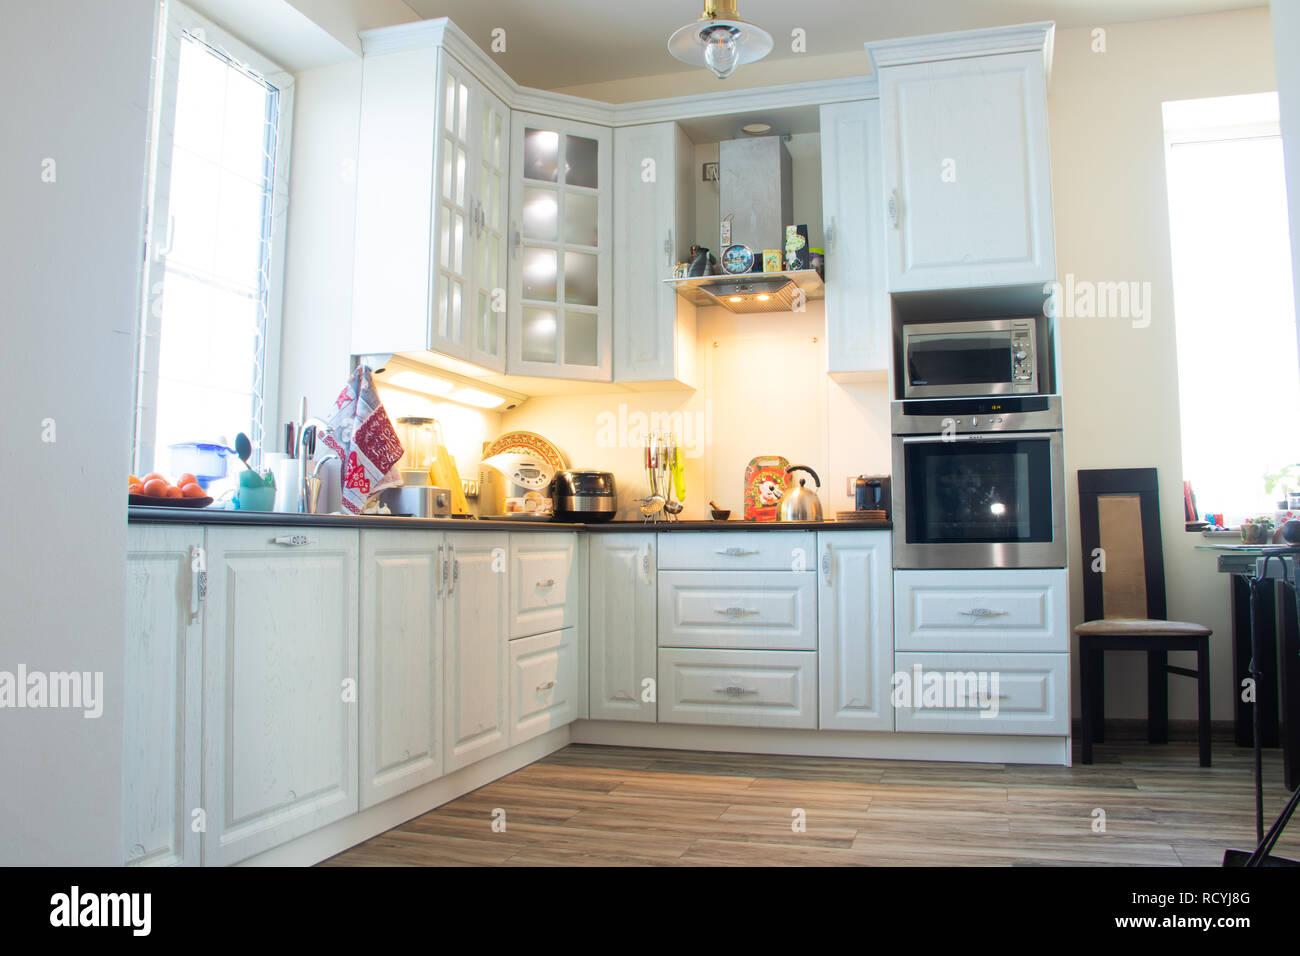 Cocina blanca. Cocina de madera. Muebles modernos y cocina interior ...